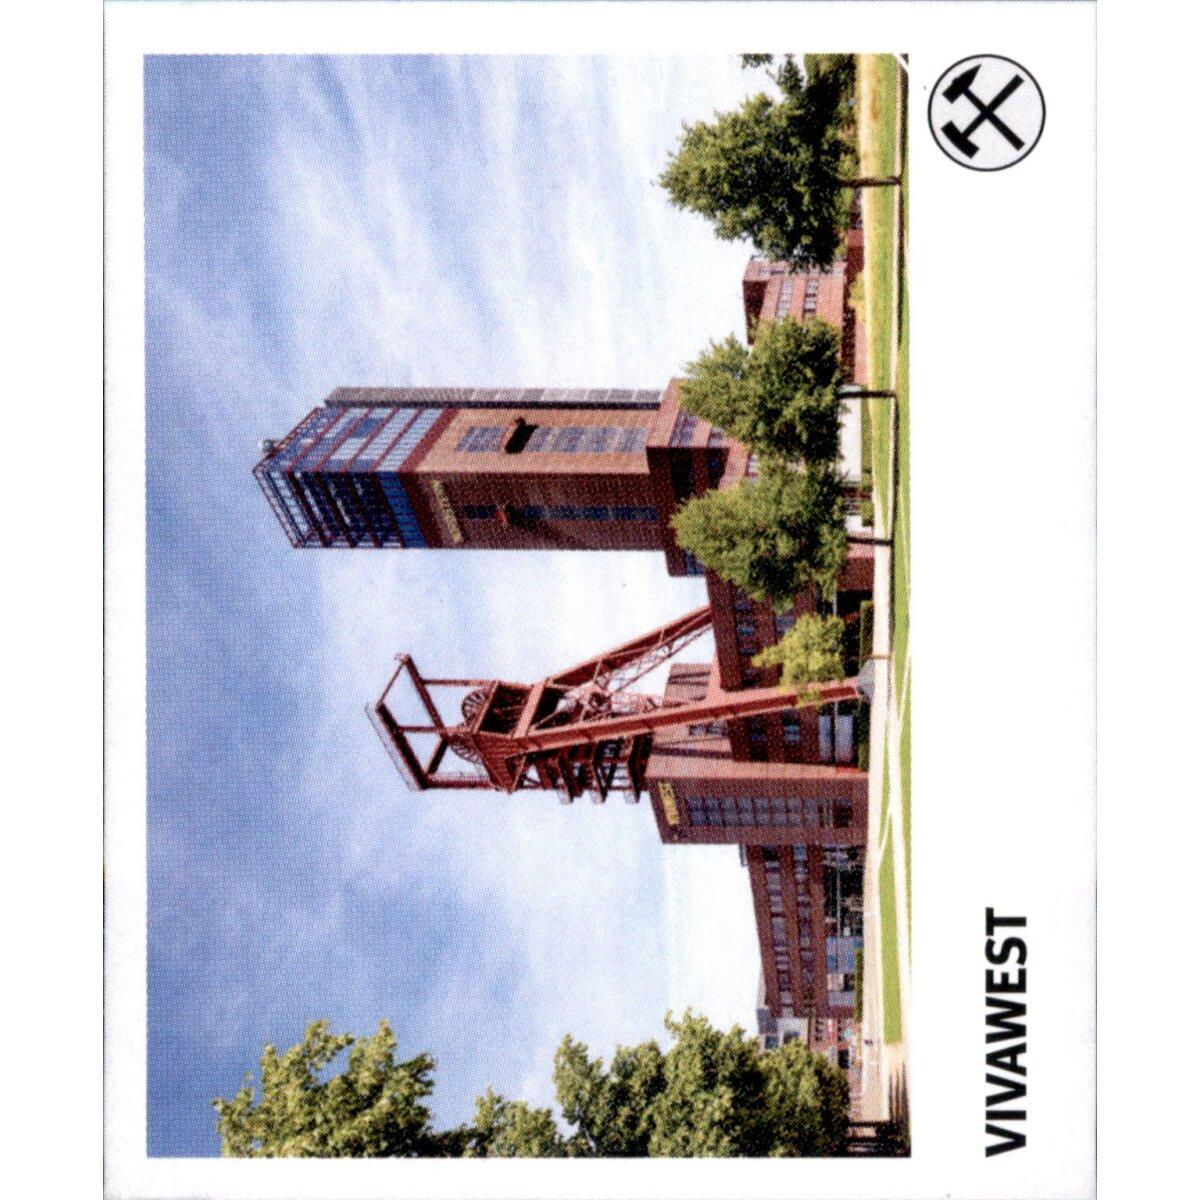 Brunnenbau Brunnen selbst bauen Bauanleitung Brunnenhygiene Reprint//Sammelband